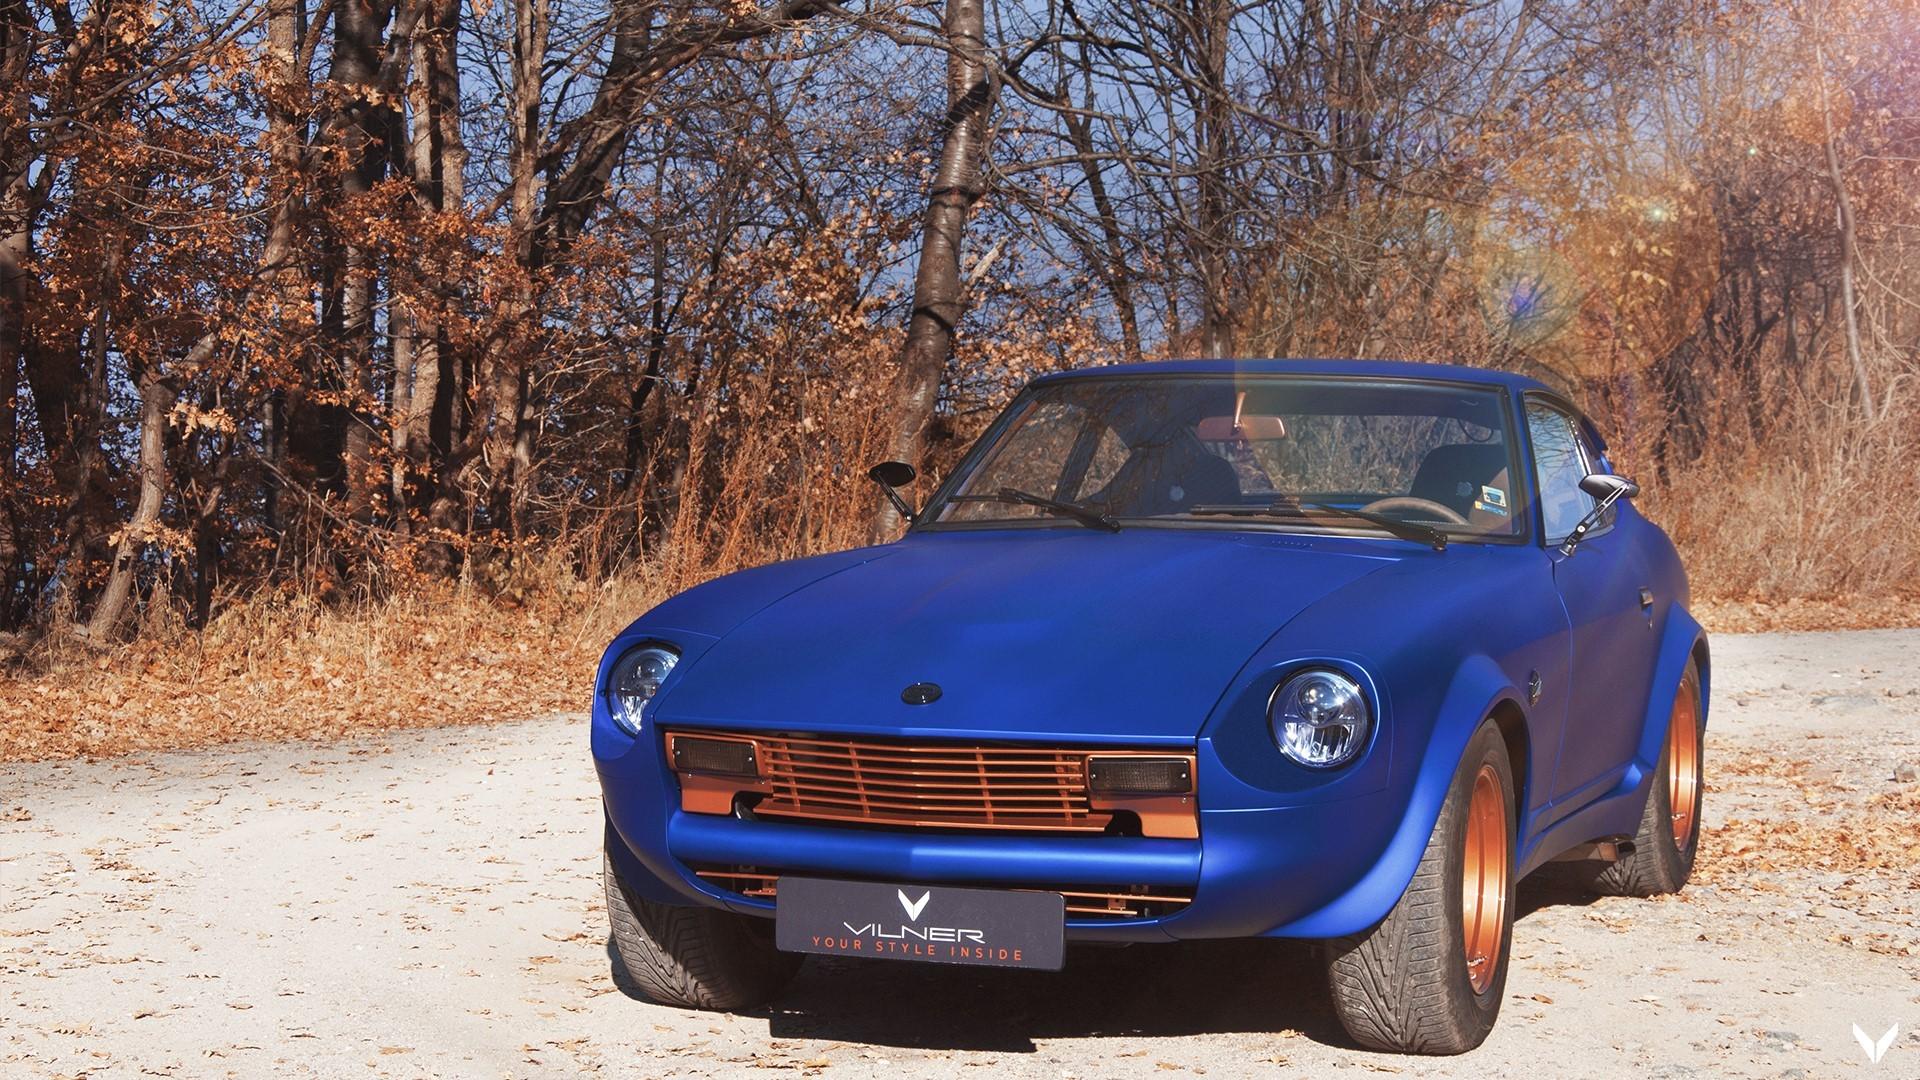 Datsun 280Z by Vilner Garage (14)